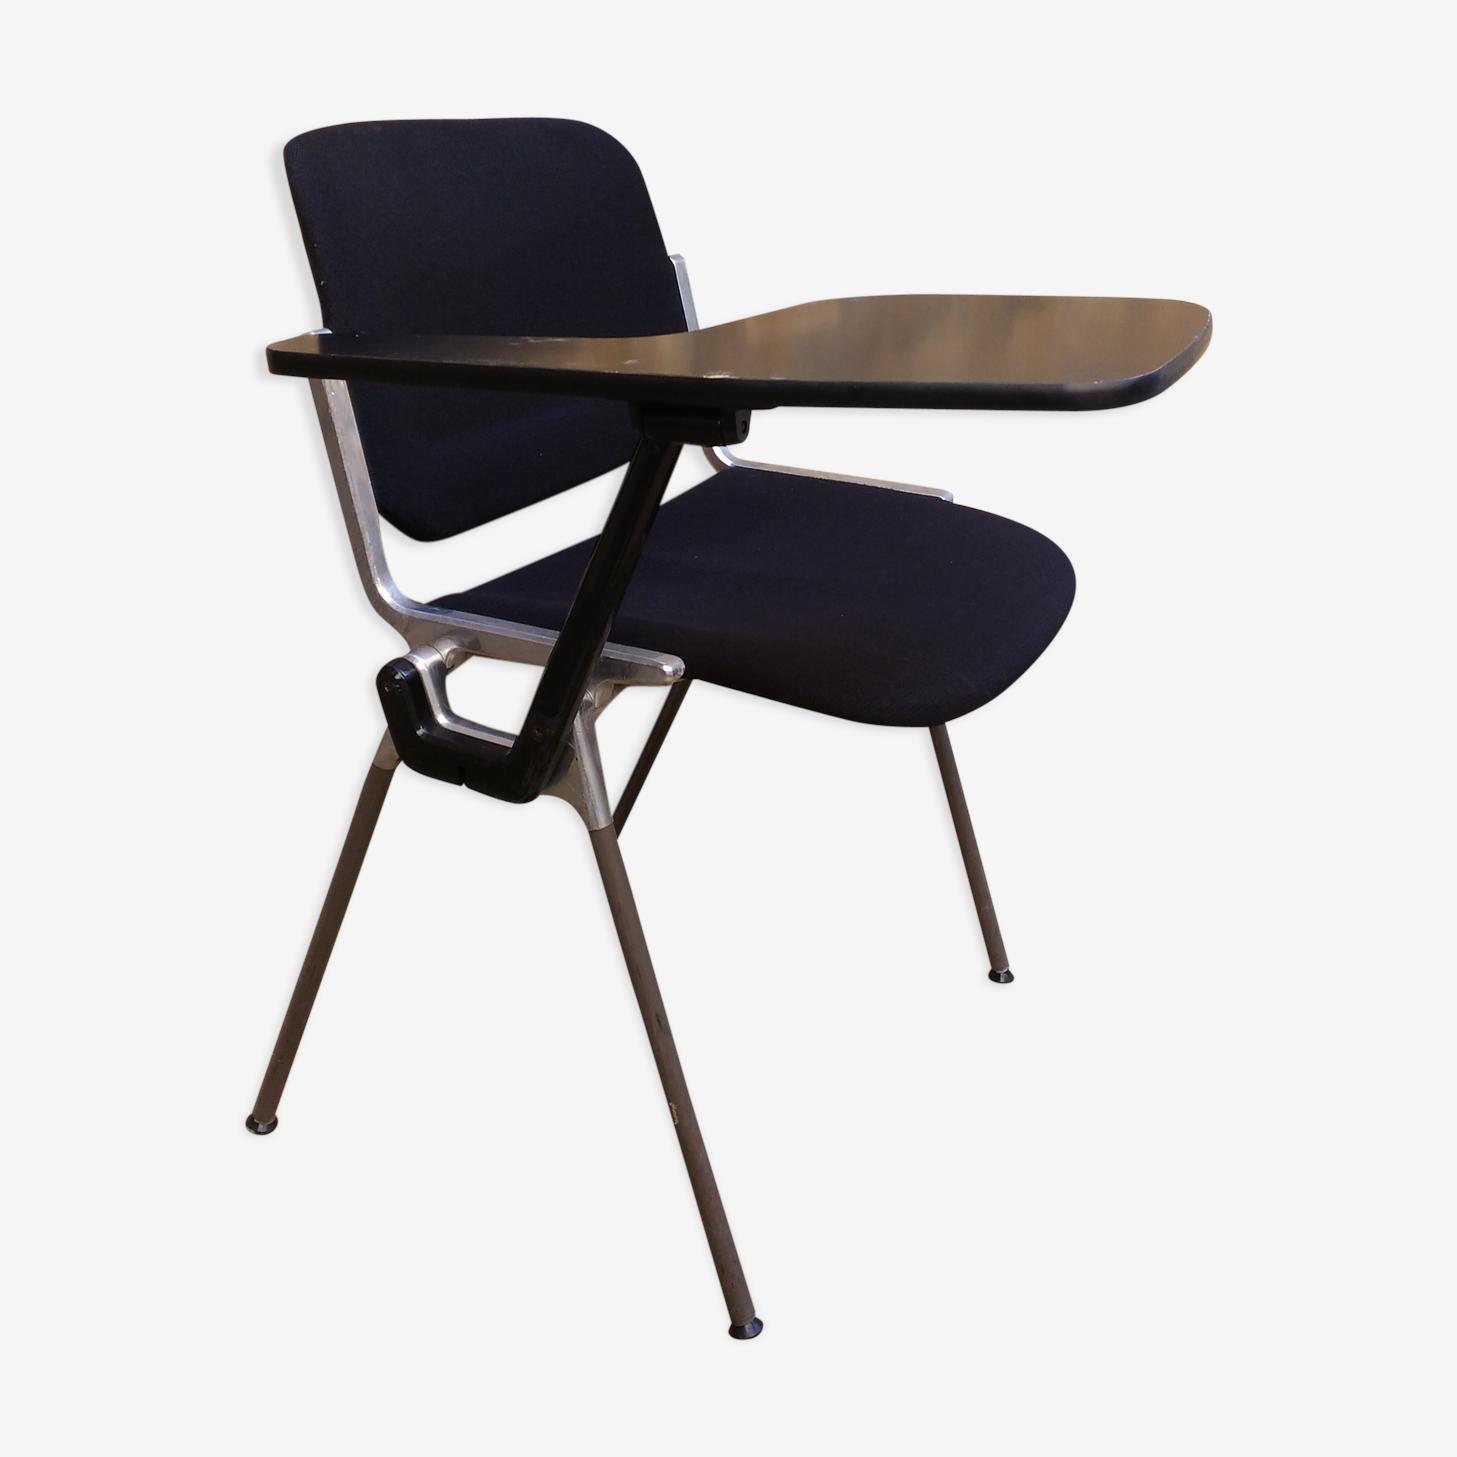 Chaise modèle DSC 106 édition castelli design Piretti